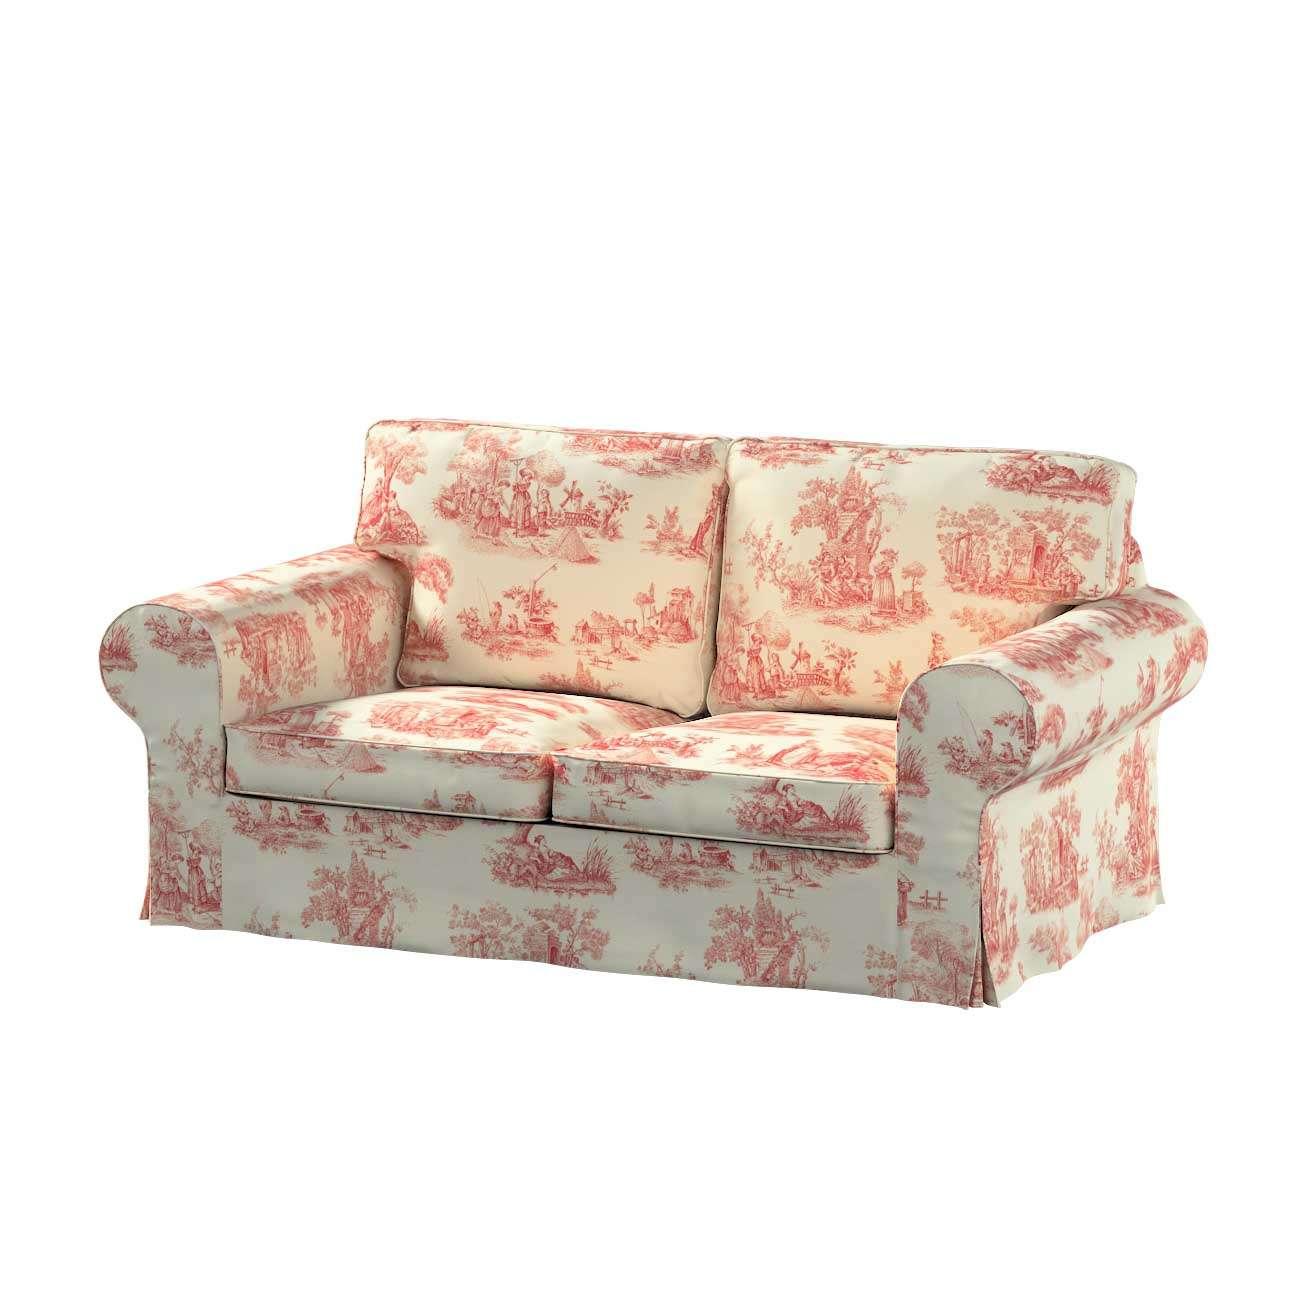 Ektorp dvivietės sofos užvalkalas Ektorp dvivietės sofos užvalkalas kolekcijoje Avinon, audinys: 132-15